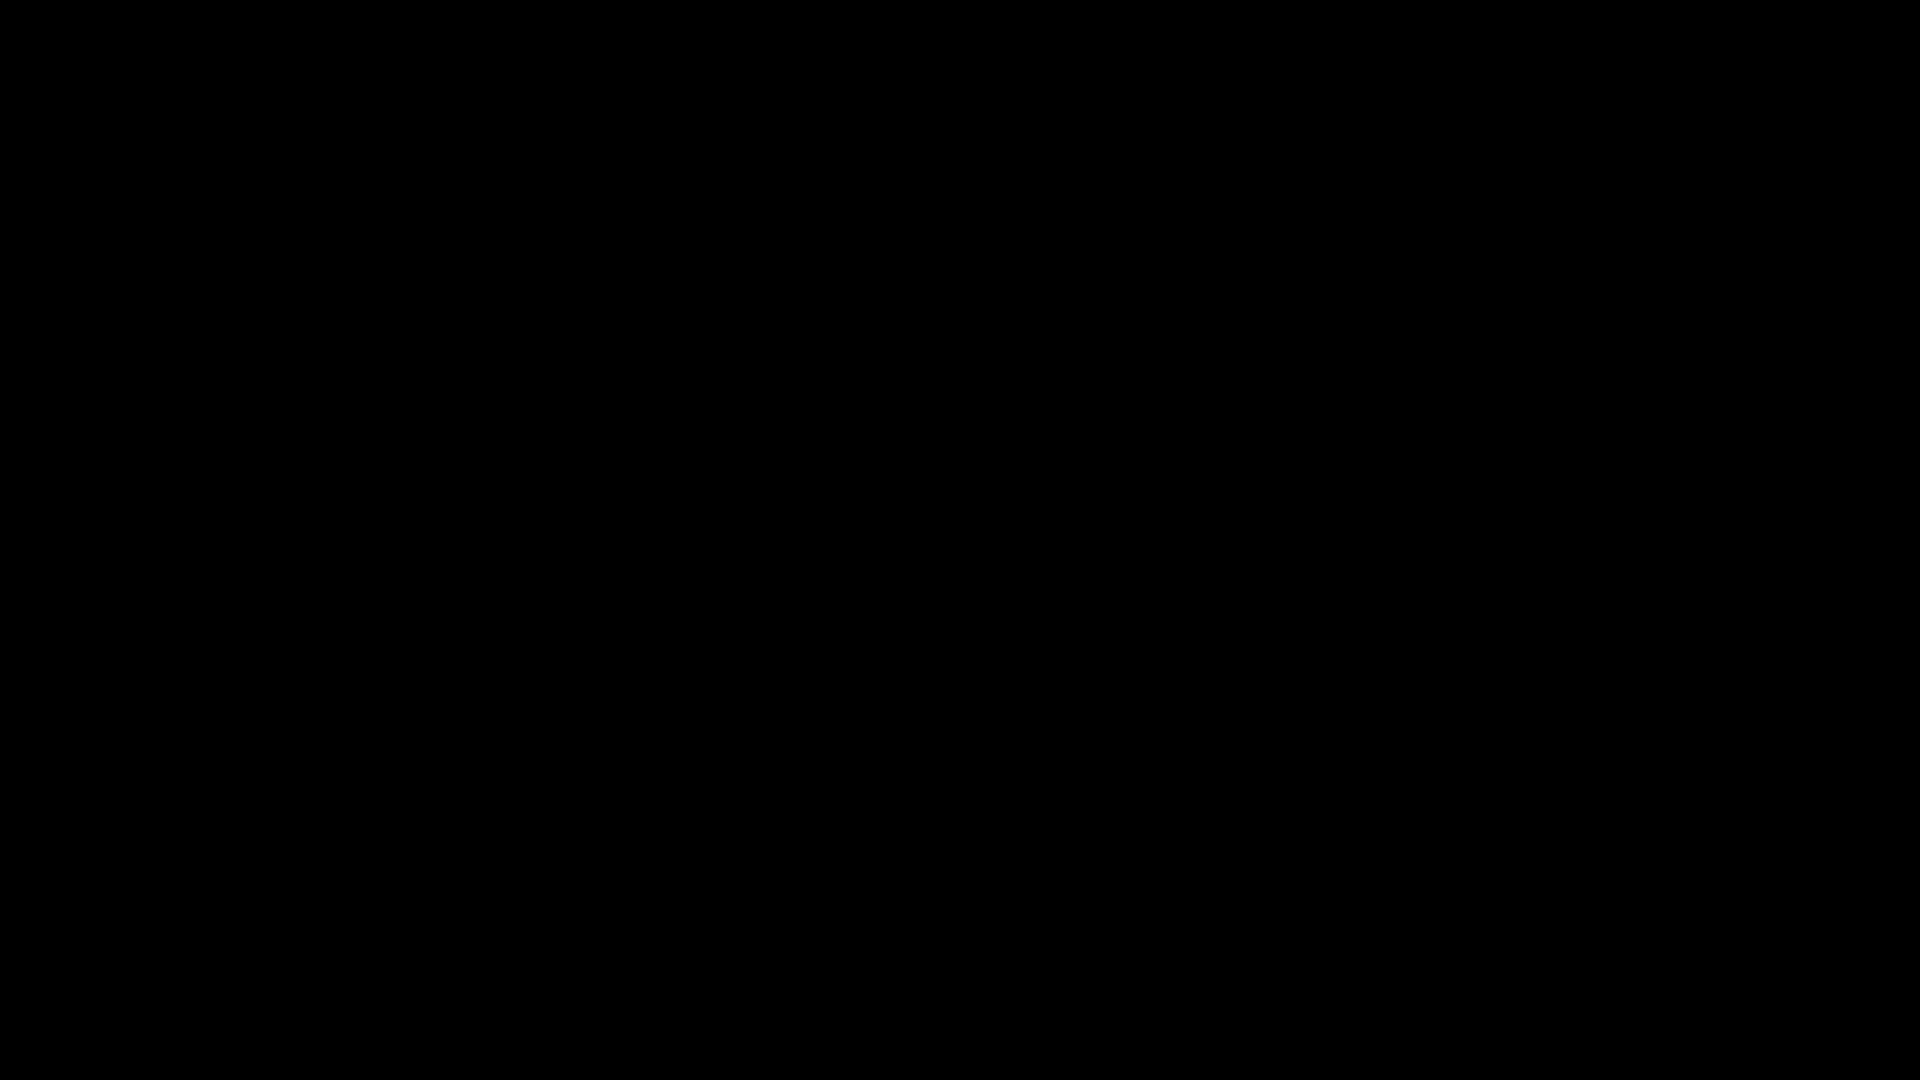 simula-godot GIFs